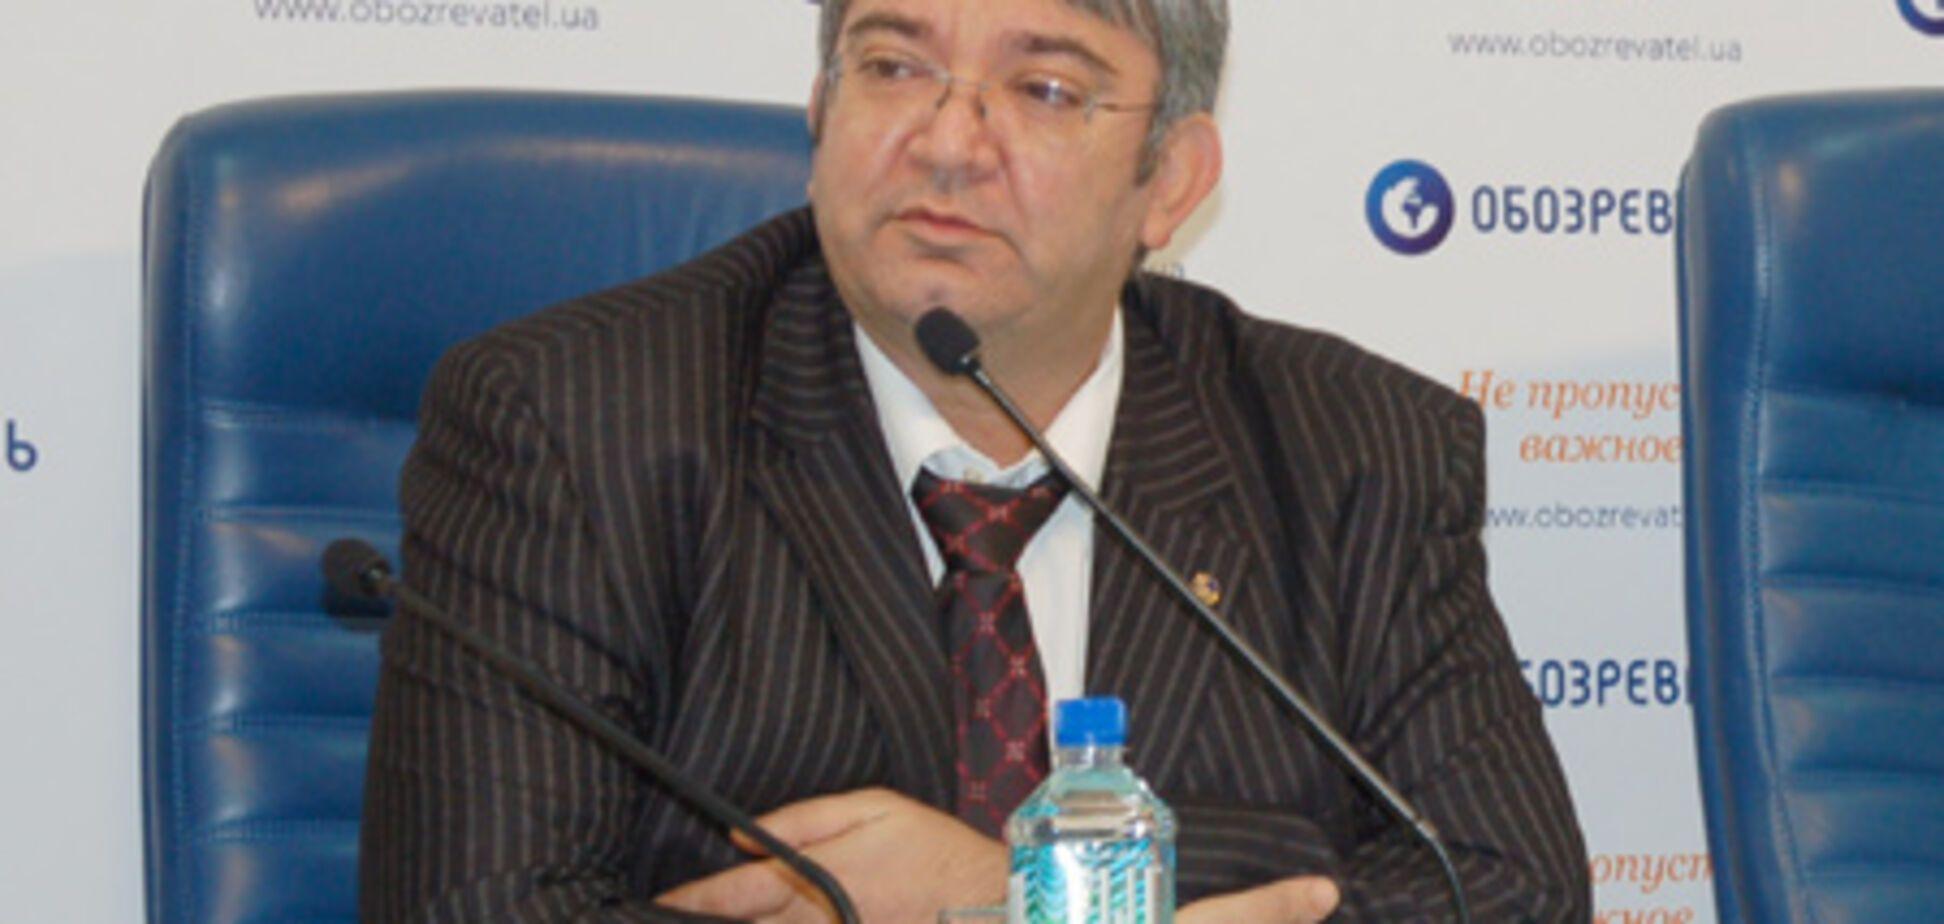 Депутати-банкіри позбавляють прав вкладників і позичальників